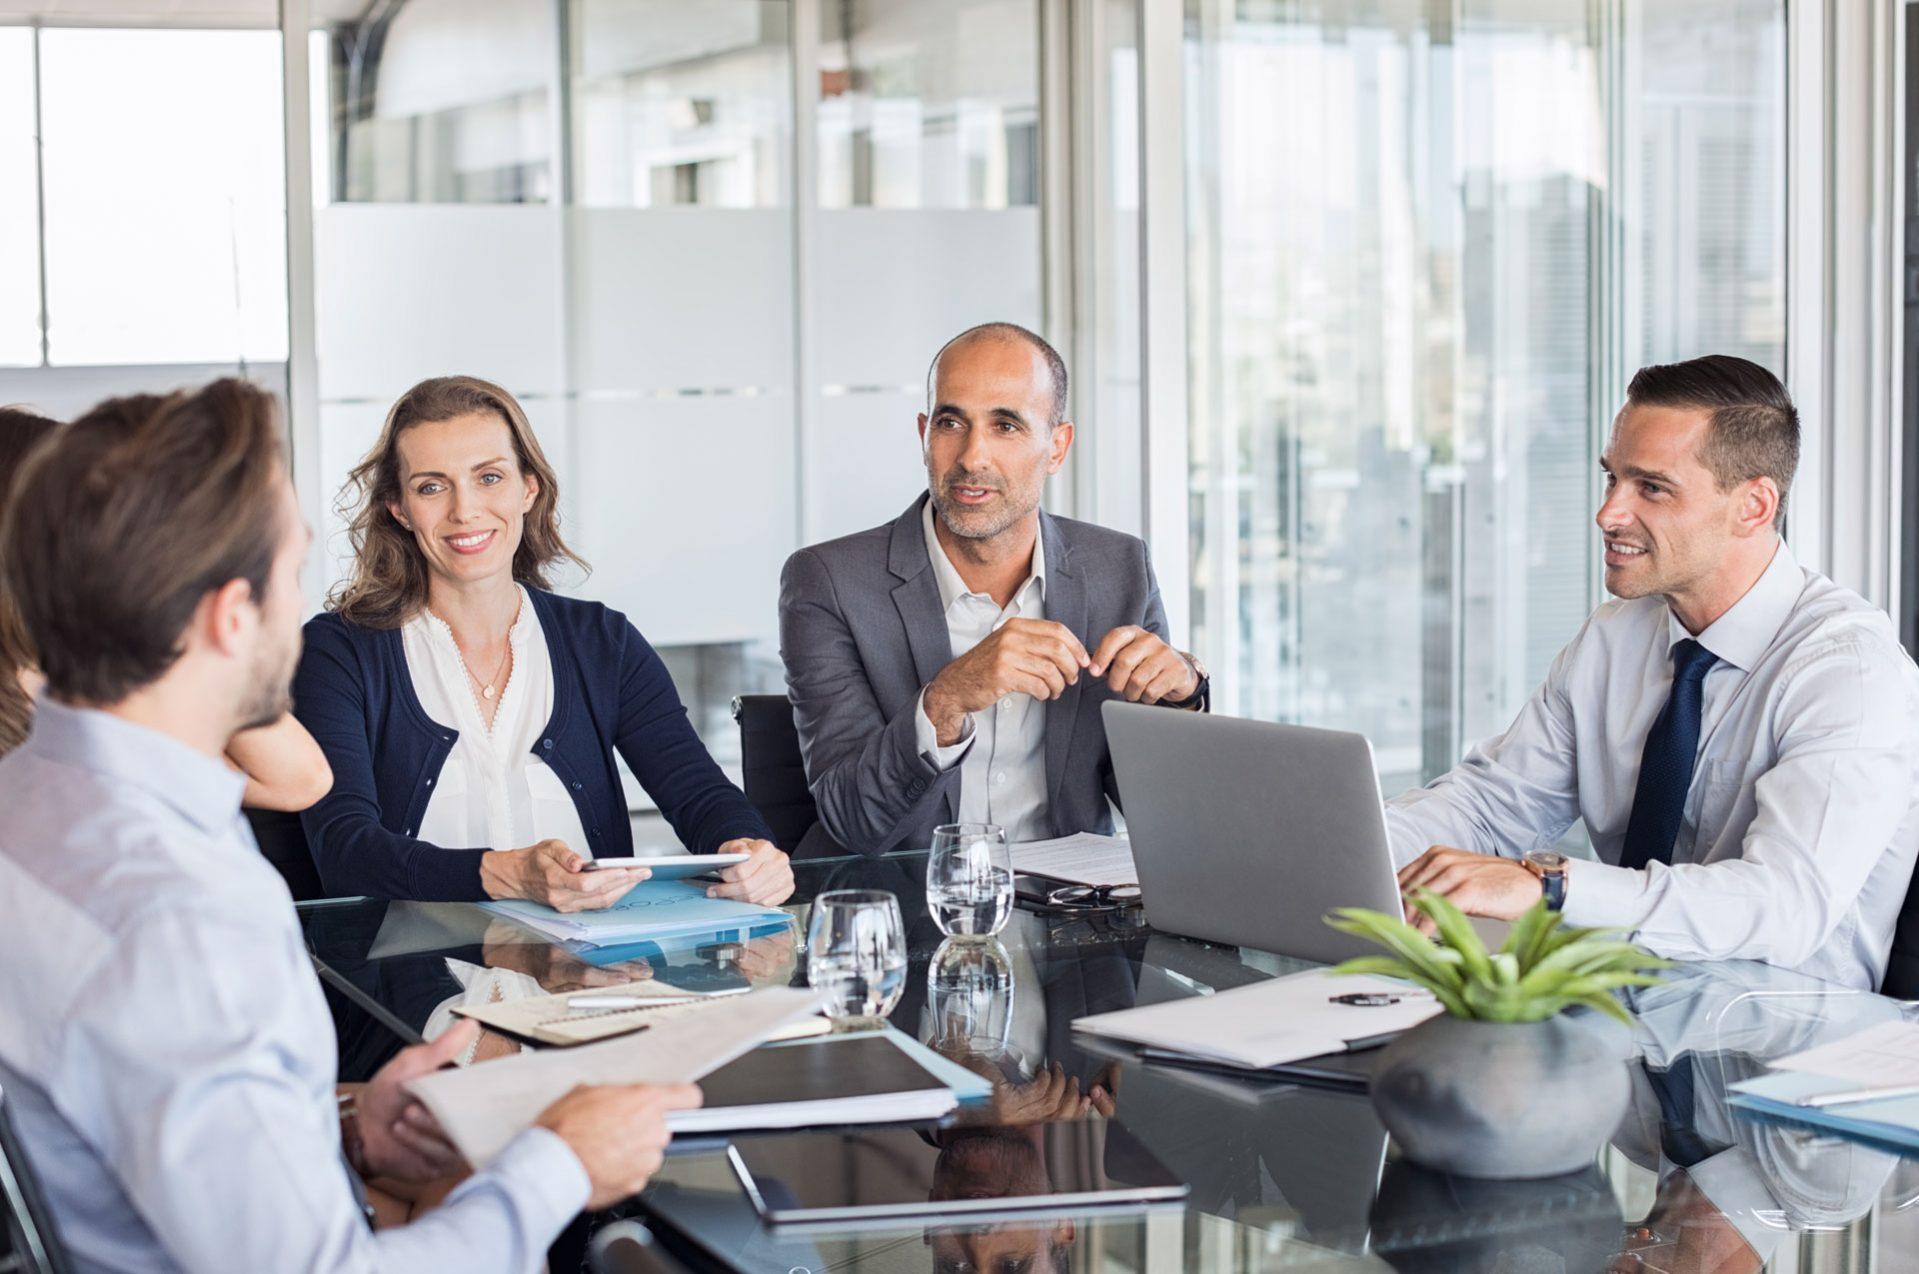 business-meeting-PAX3RVM.jpg